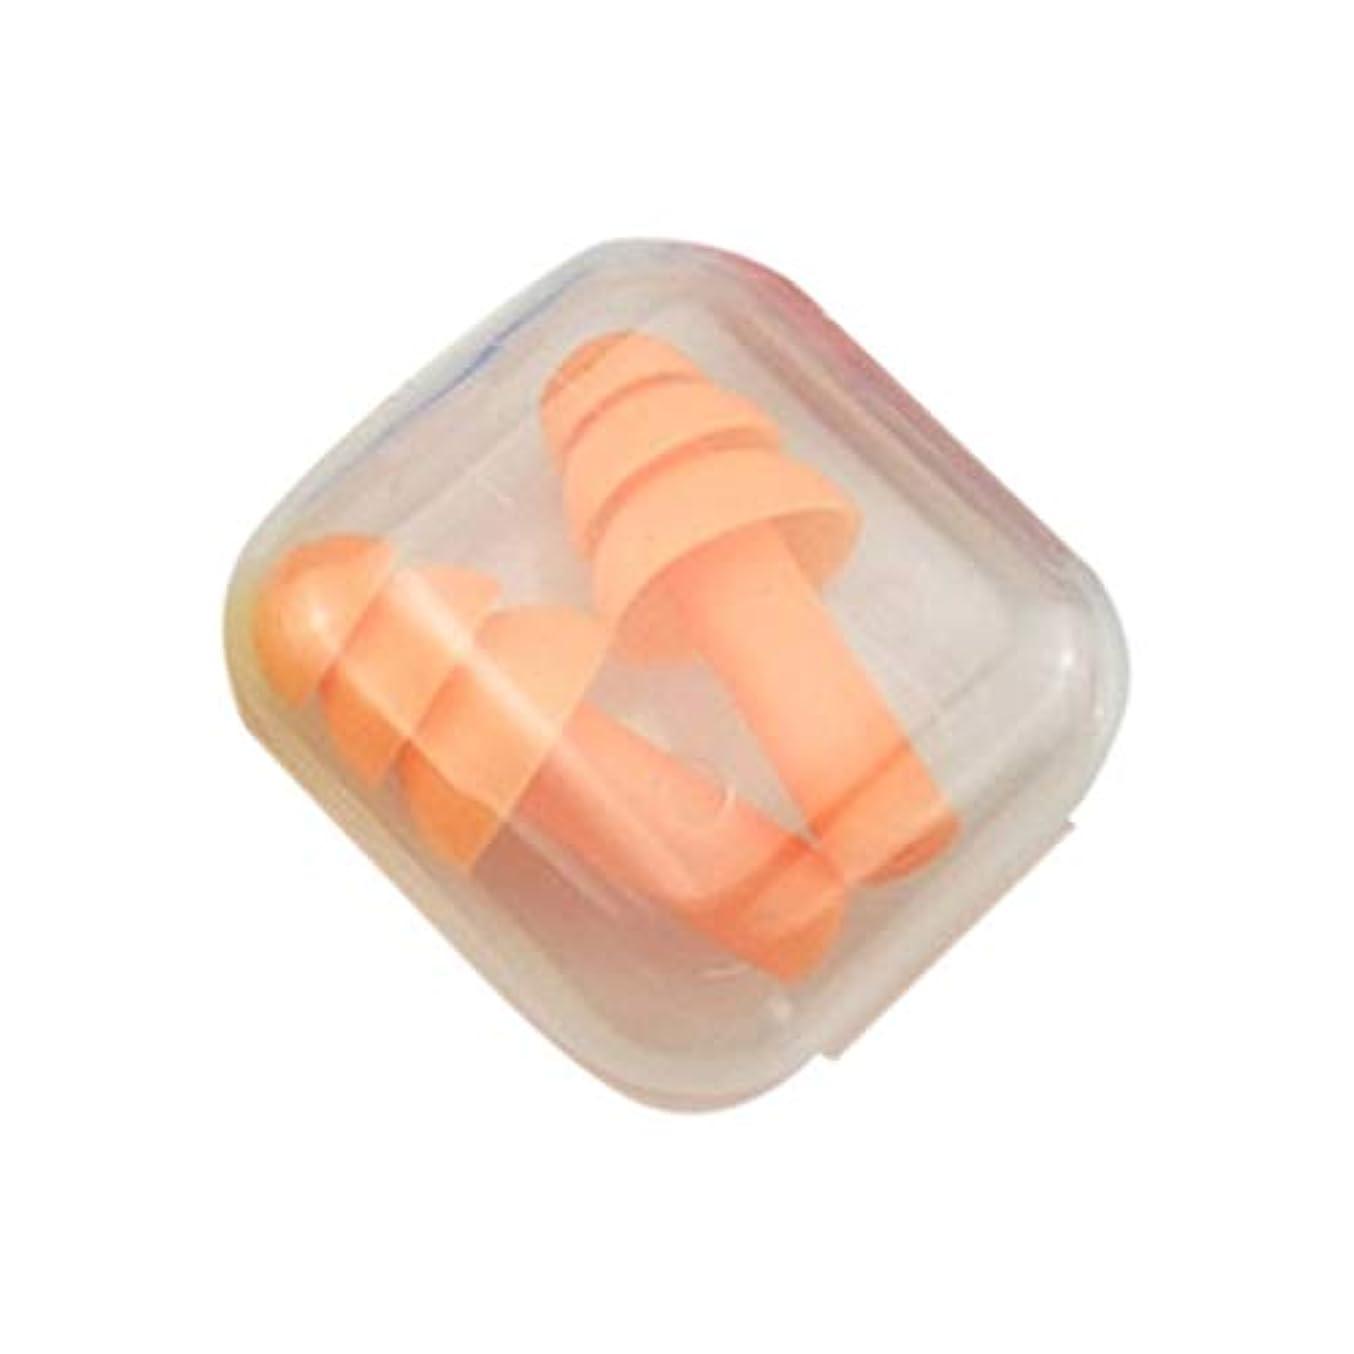 モネホイットニーセクション柔らかいシリコーンの耳栓遮音用耳の保護用の耳栓防音睡眠ボックス付き収納ボックス - オレンジ